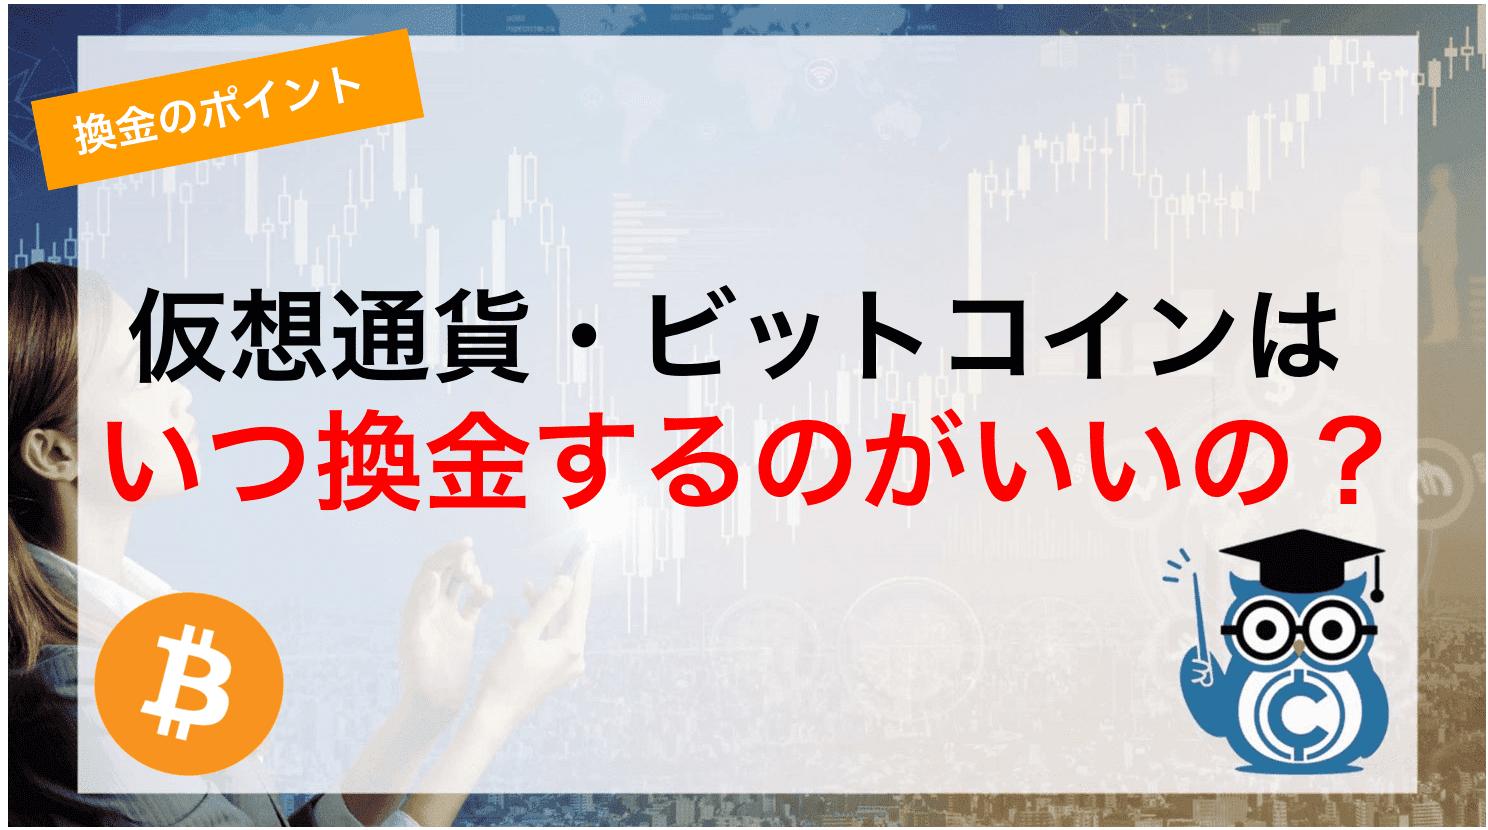 【仮想通貨の税金:年対応】損益発生タイミングについて | Aerial Partners